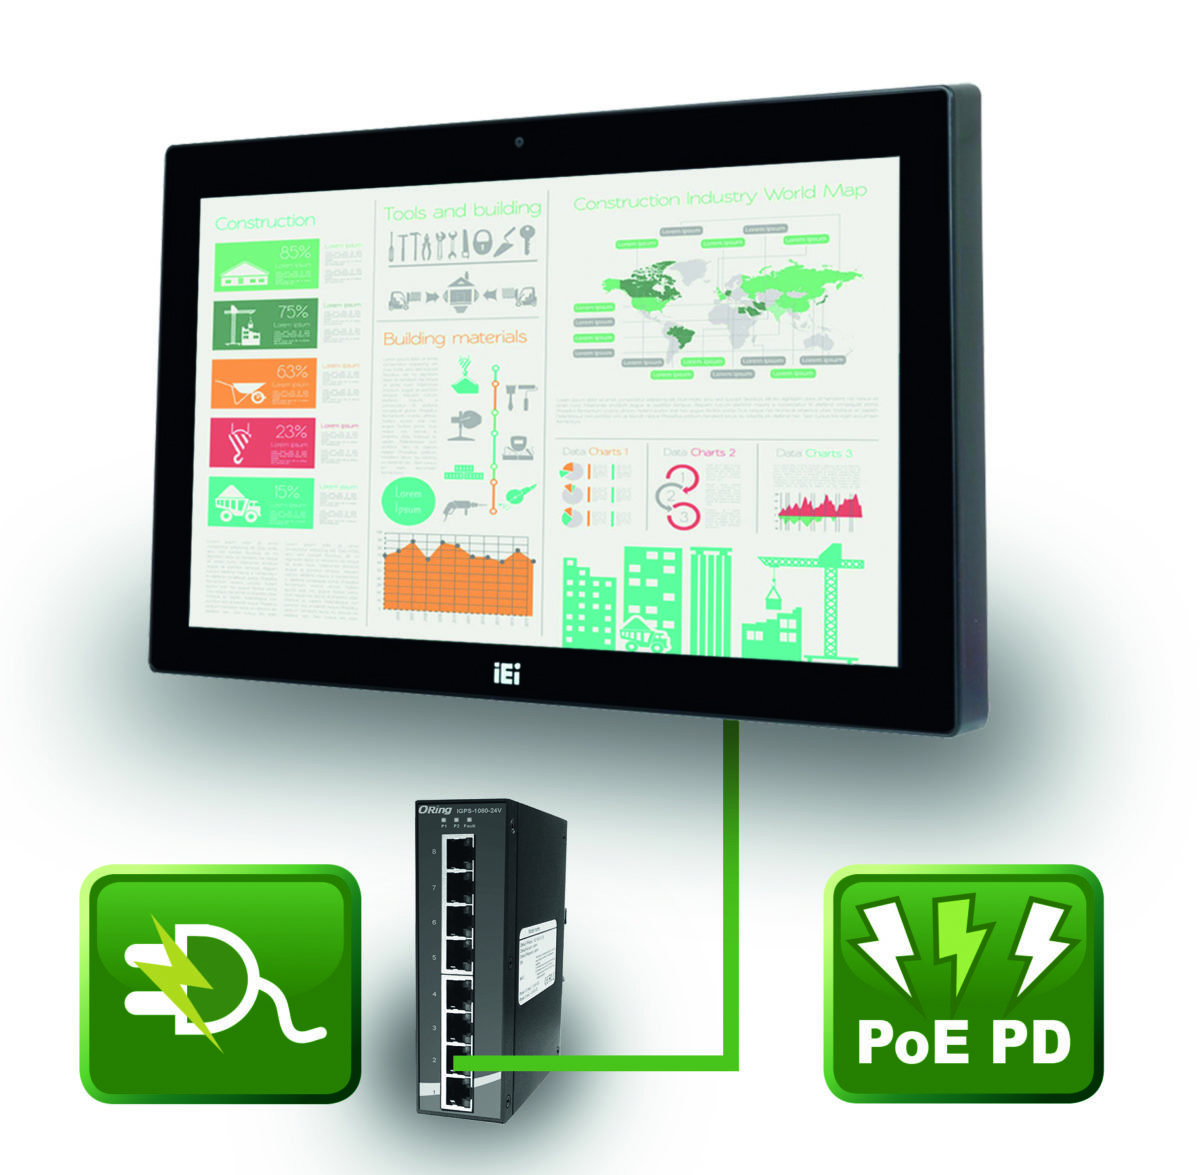 Power over EthernetICP-Industrie-Panel zieht Strom über das Datenkabel